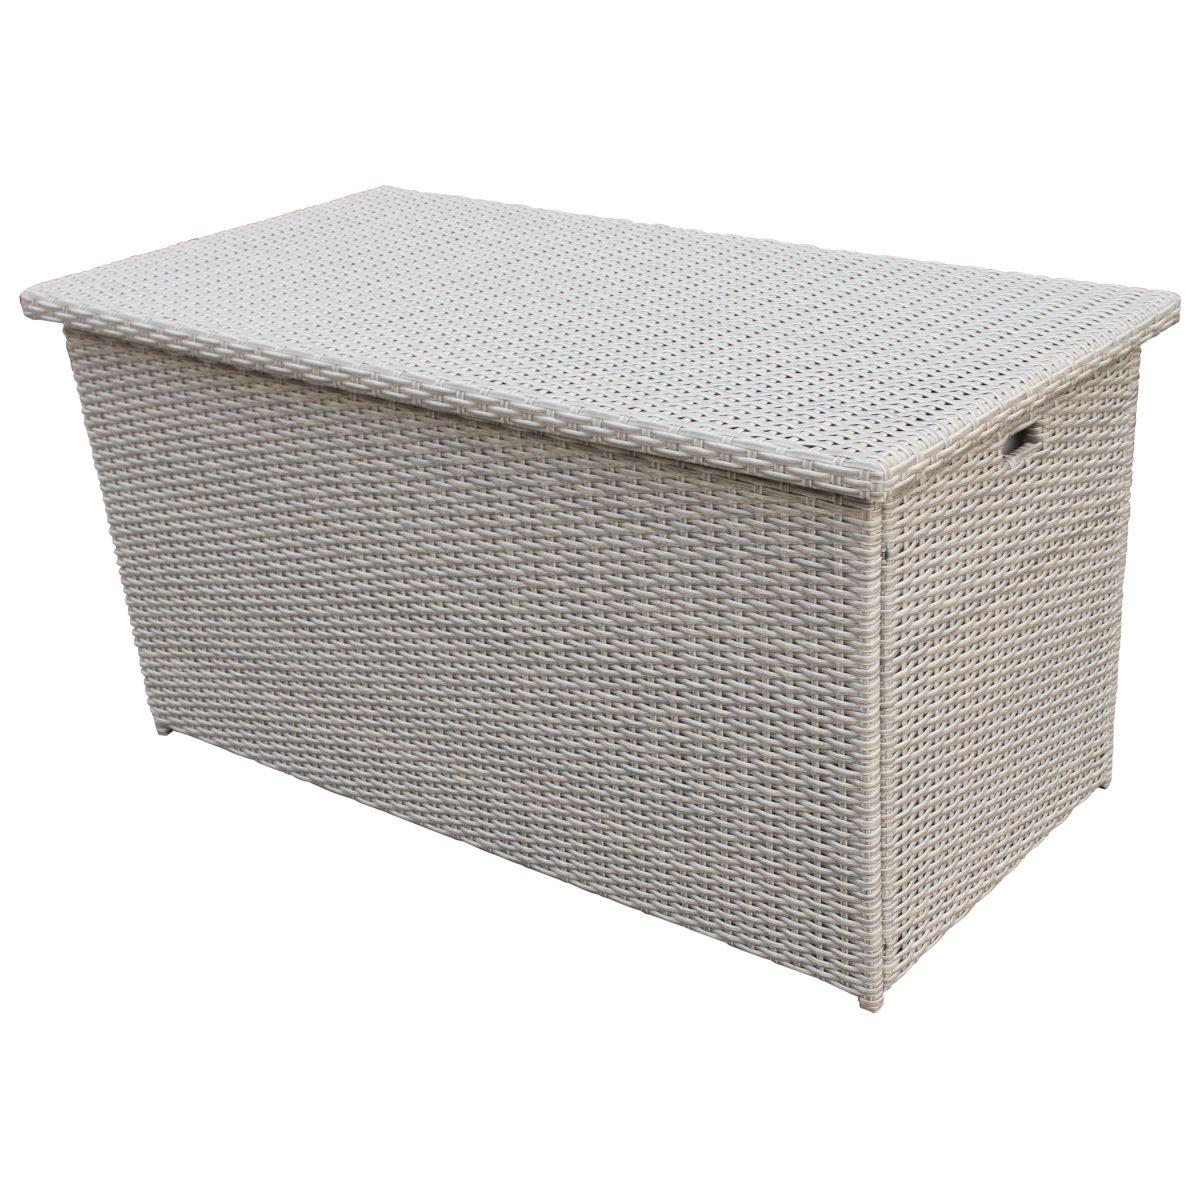 Sirio Grey Color Patio Storage Box Starsong Outdoor